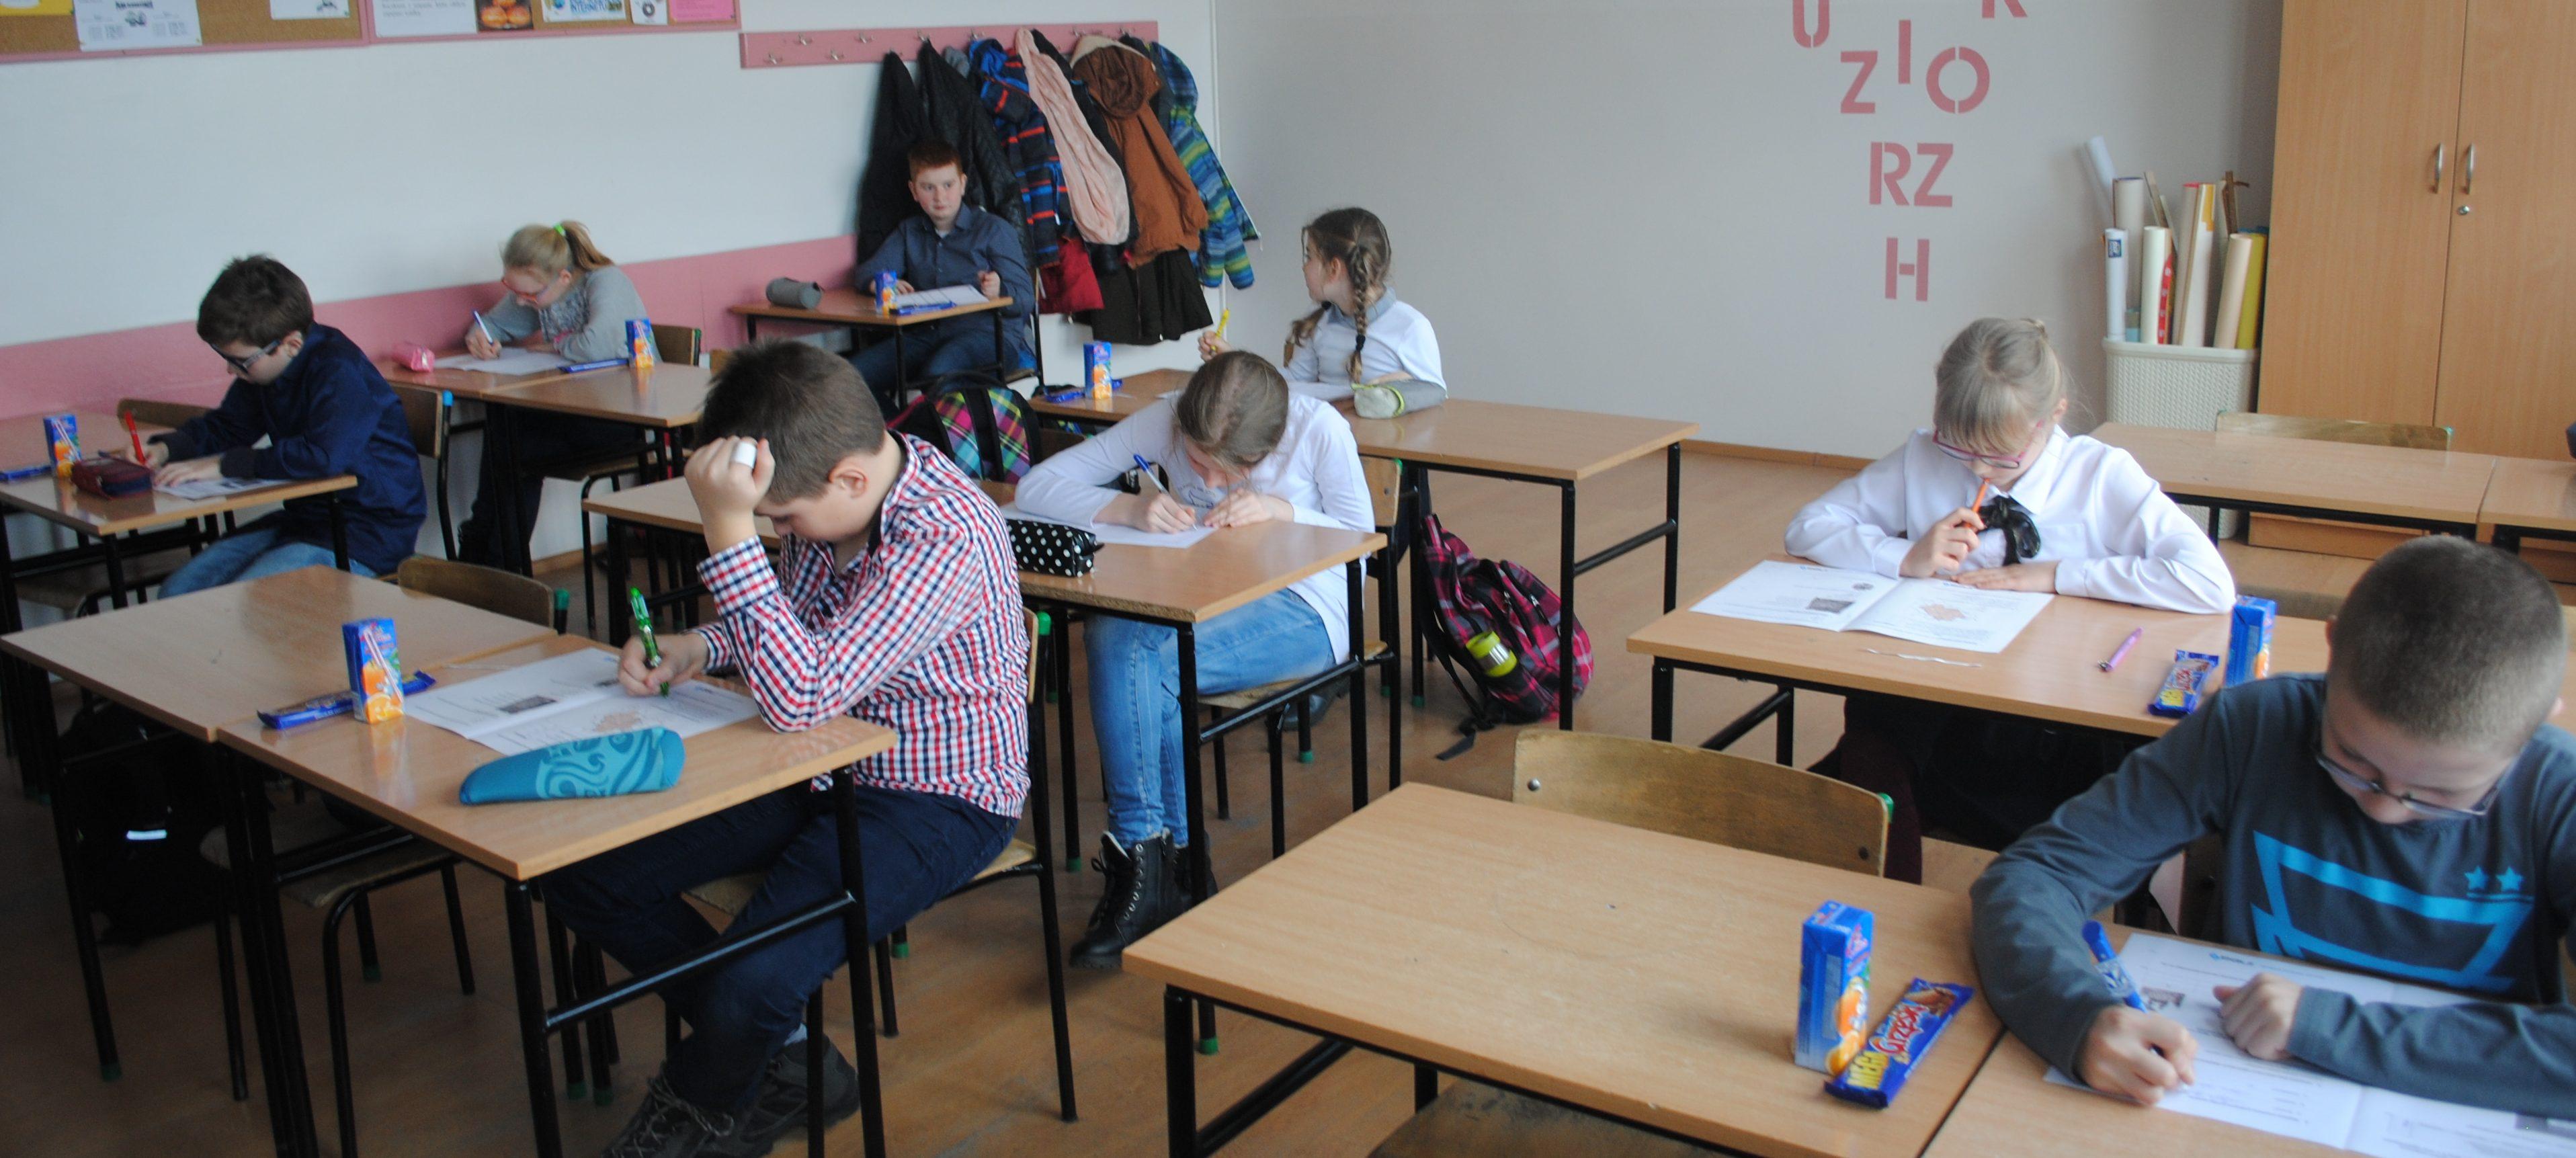 Zmagania powiatowe XXI  Konkursu Wiedzy o Wielkopolsce  w Szkole Podstawowej w Opalenicy